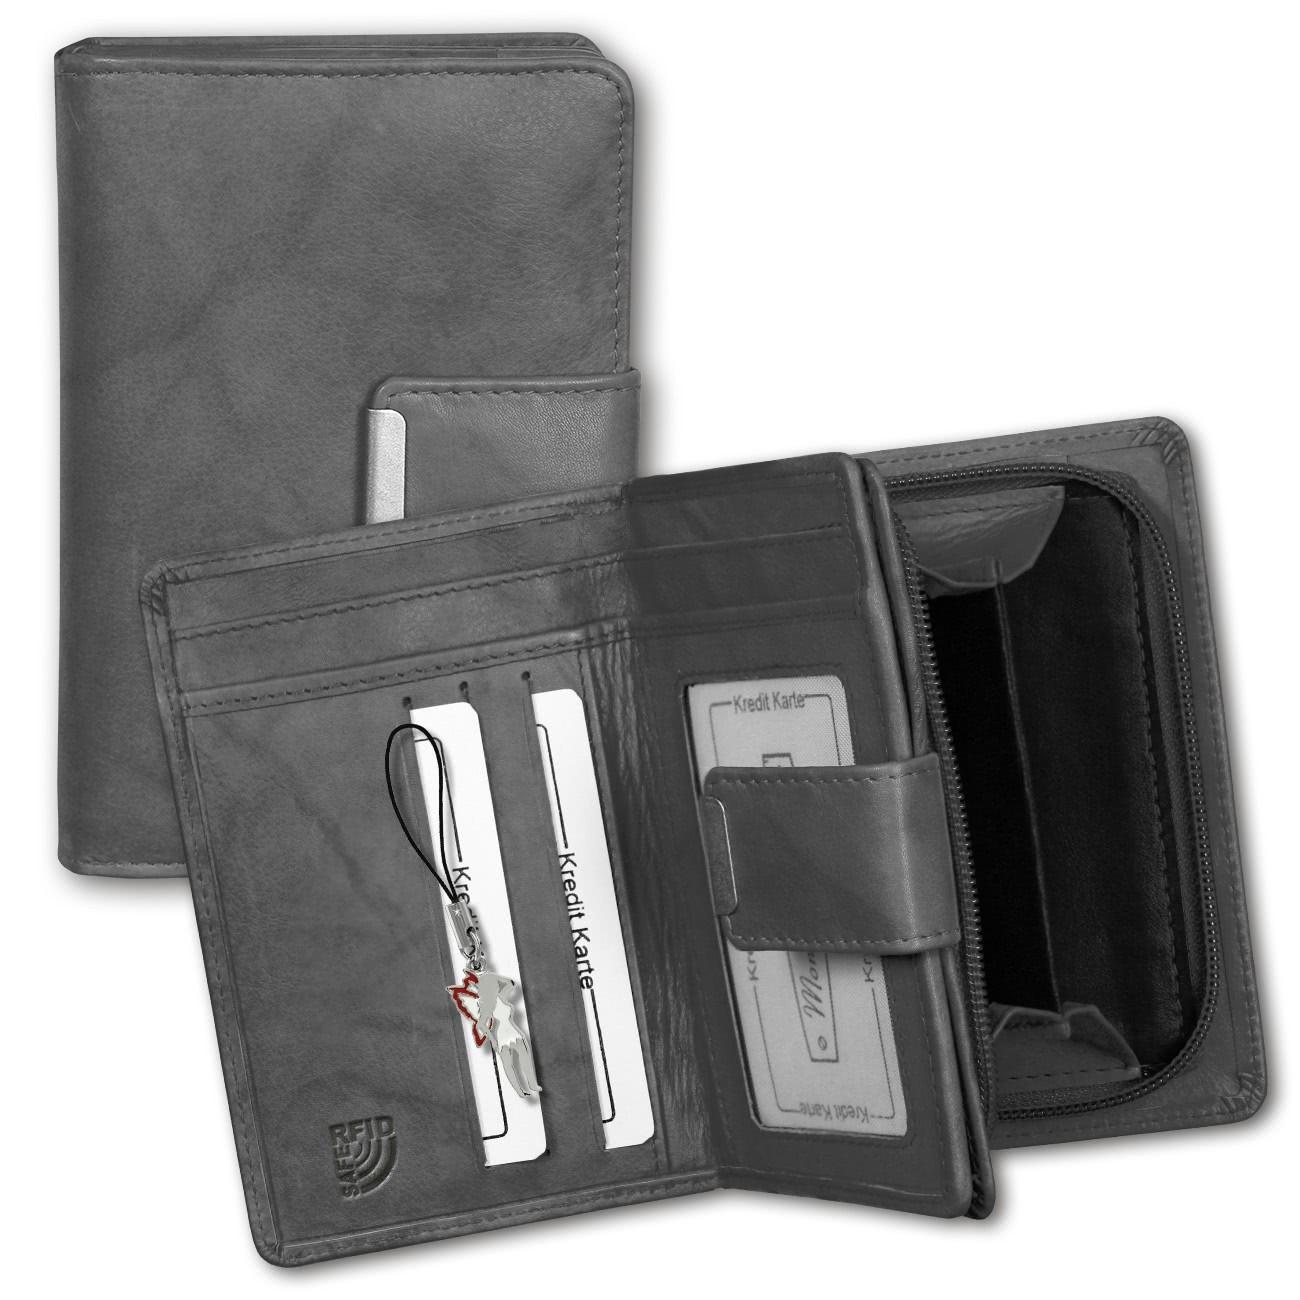 Geldbörse Leder grau Brieftasche Portemonnaie Hochformat Money Maker OPJ701K